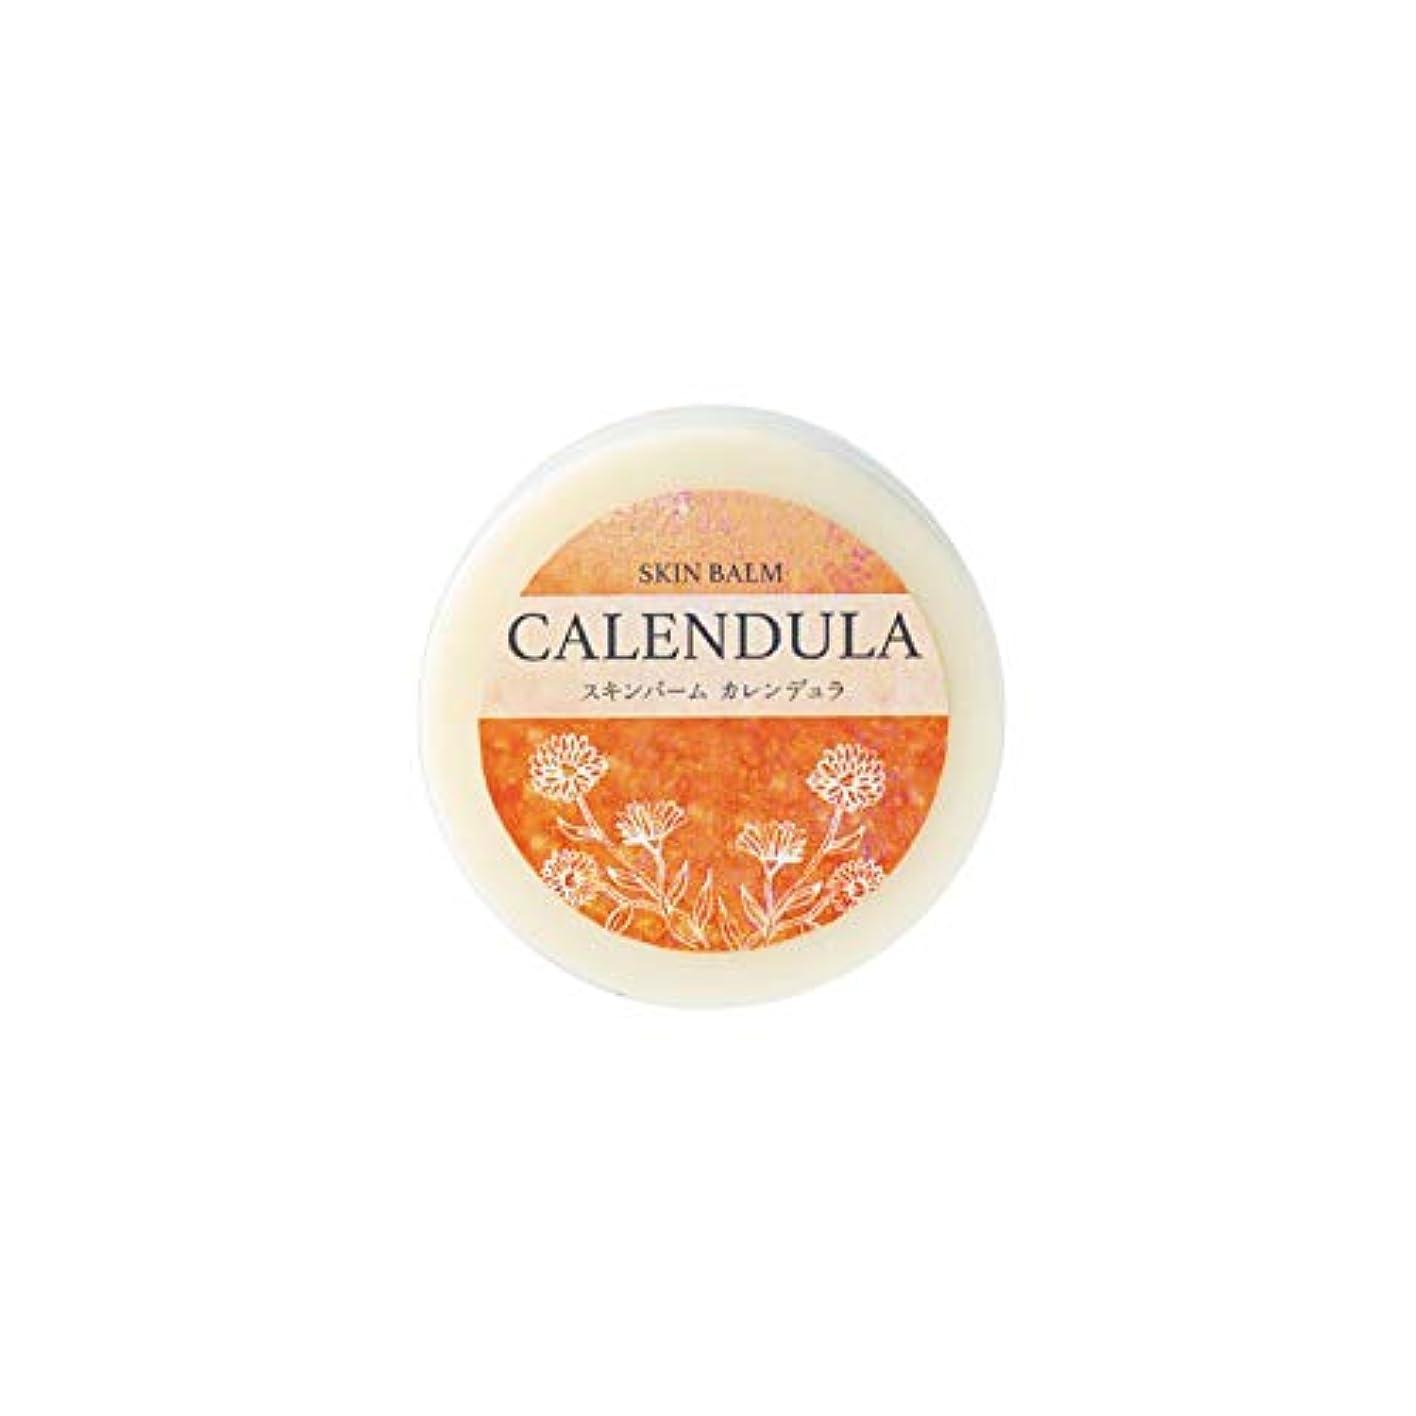 劣る助言ラベンダー生活の木 スキンバーム カレンデュラ 30g